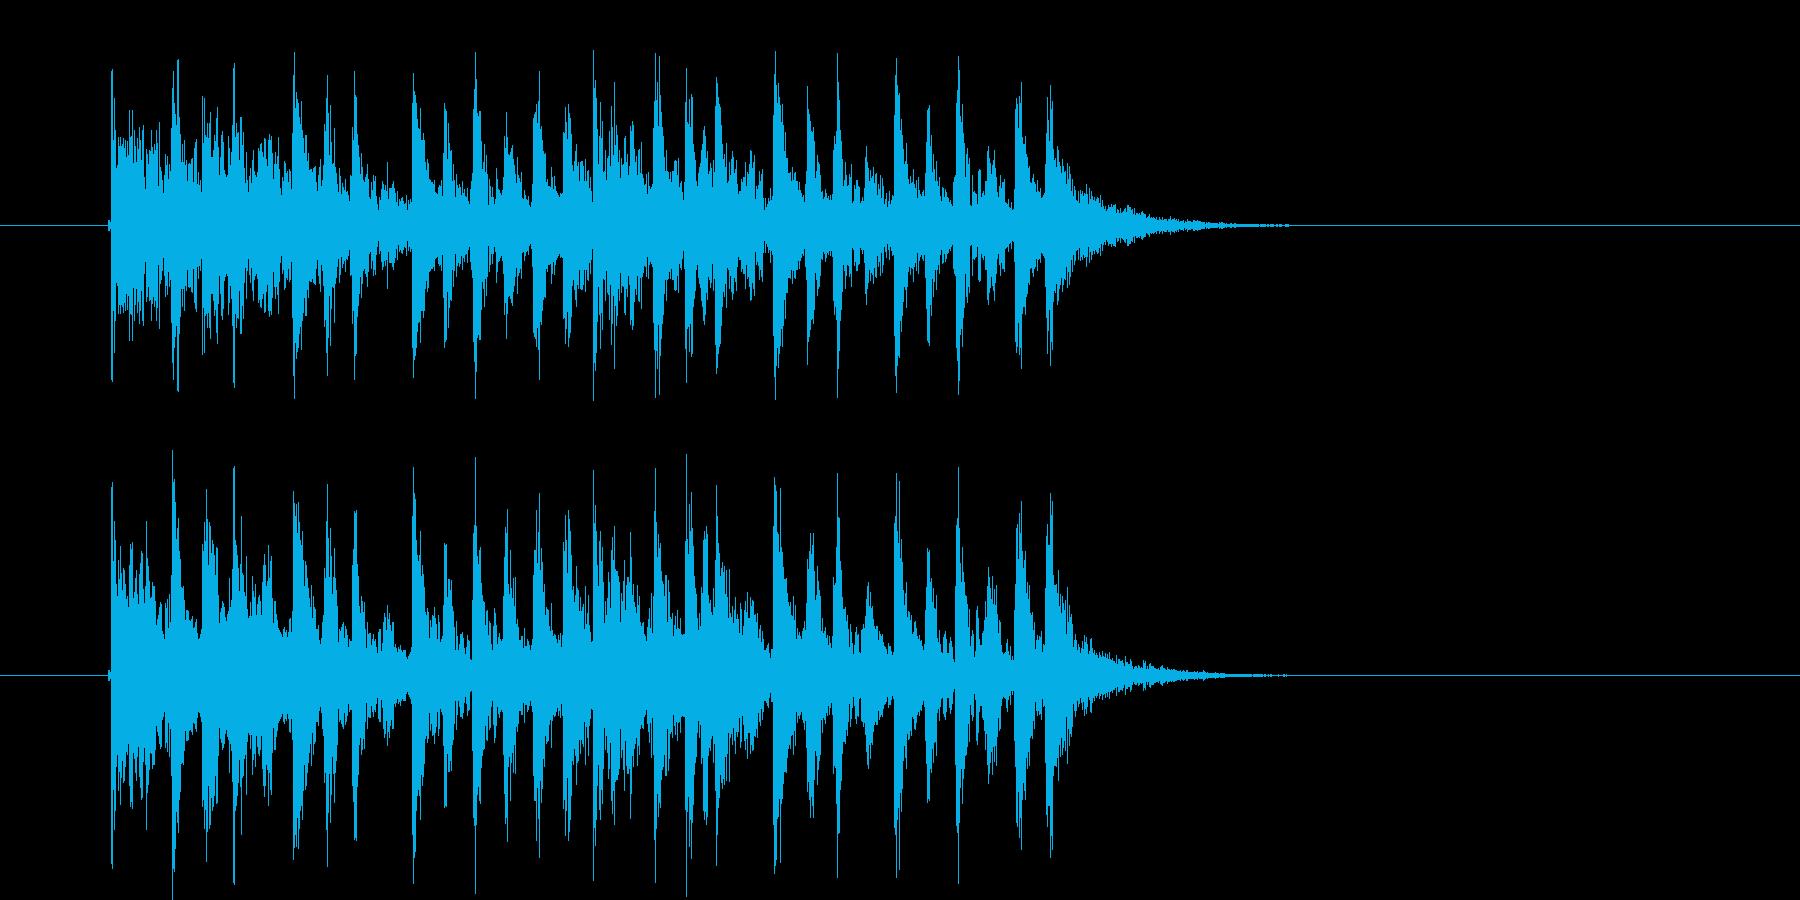 疾走感のあるミステリアスなテクノ音楽の再生済みの波形